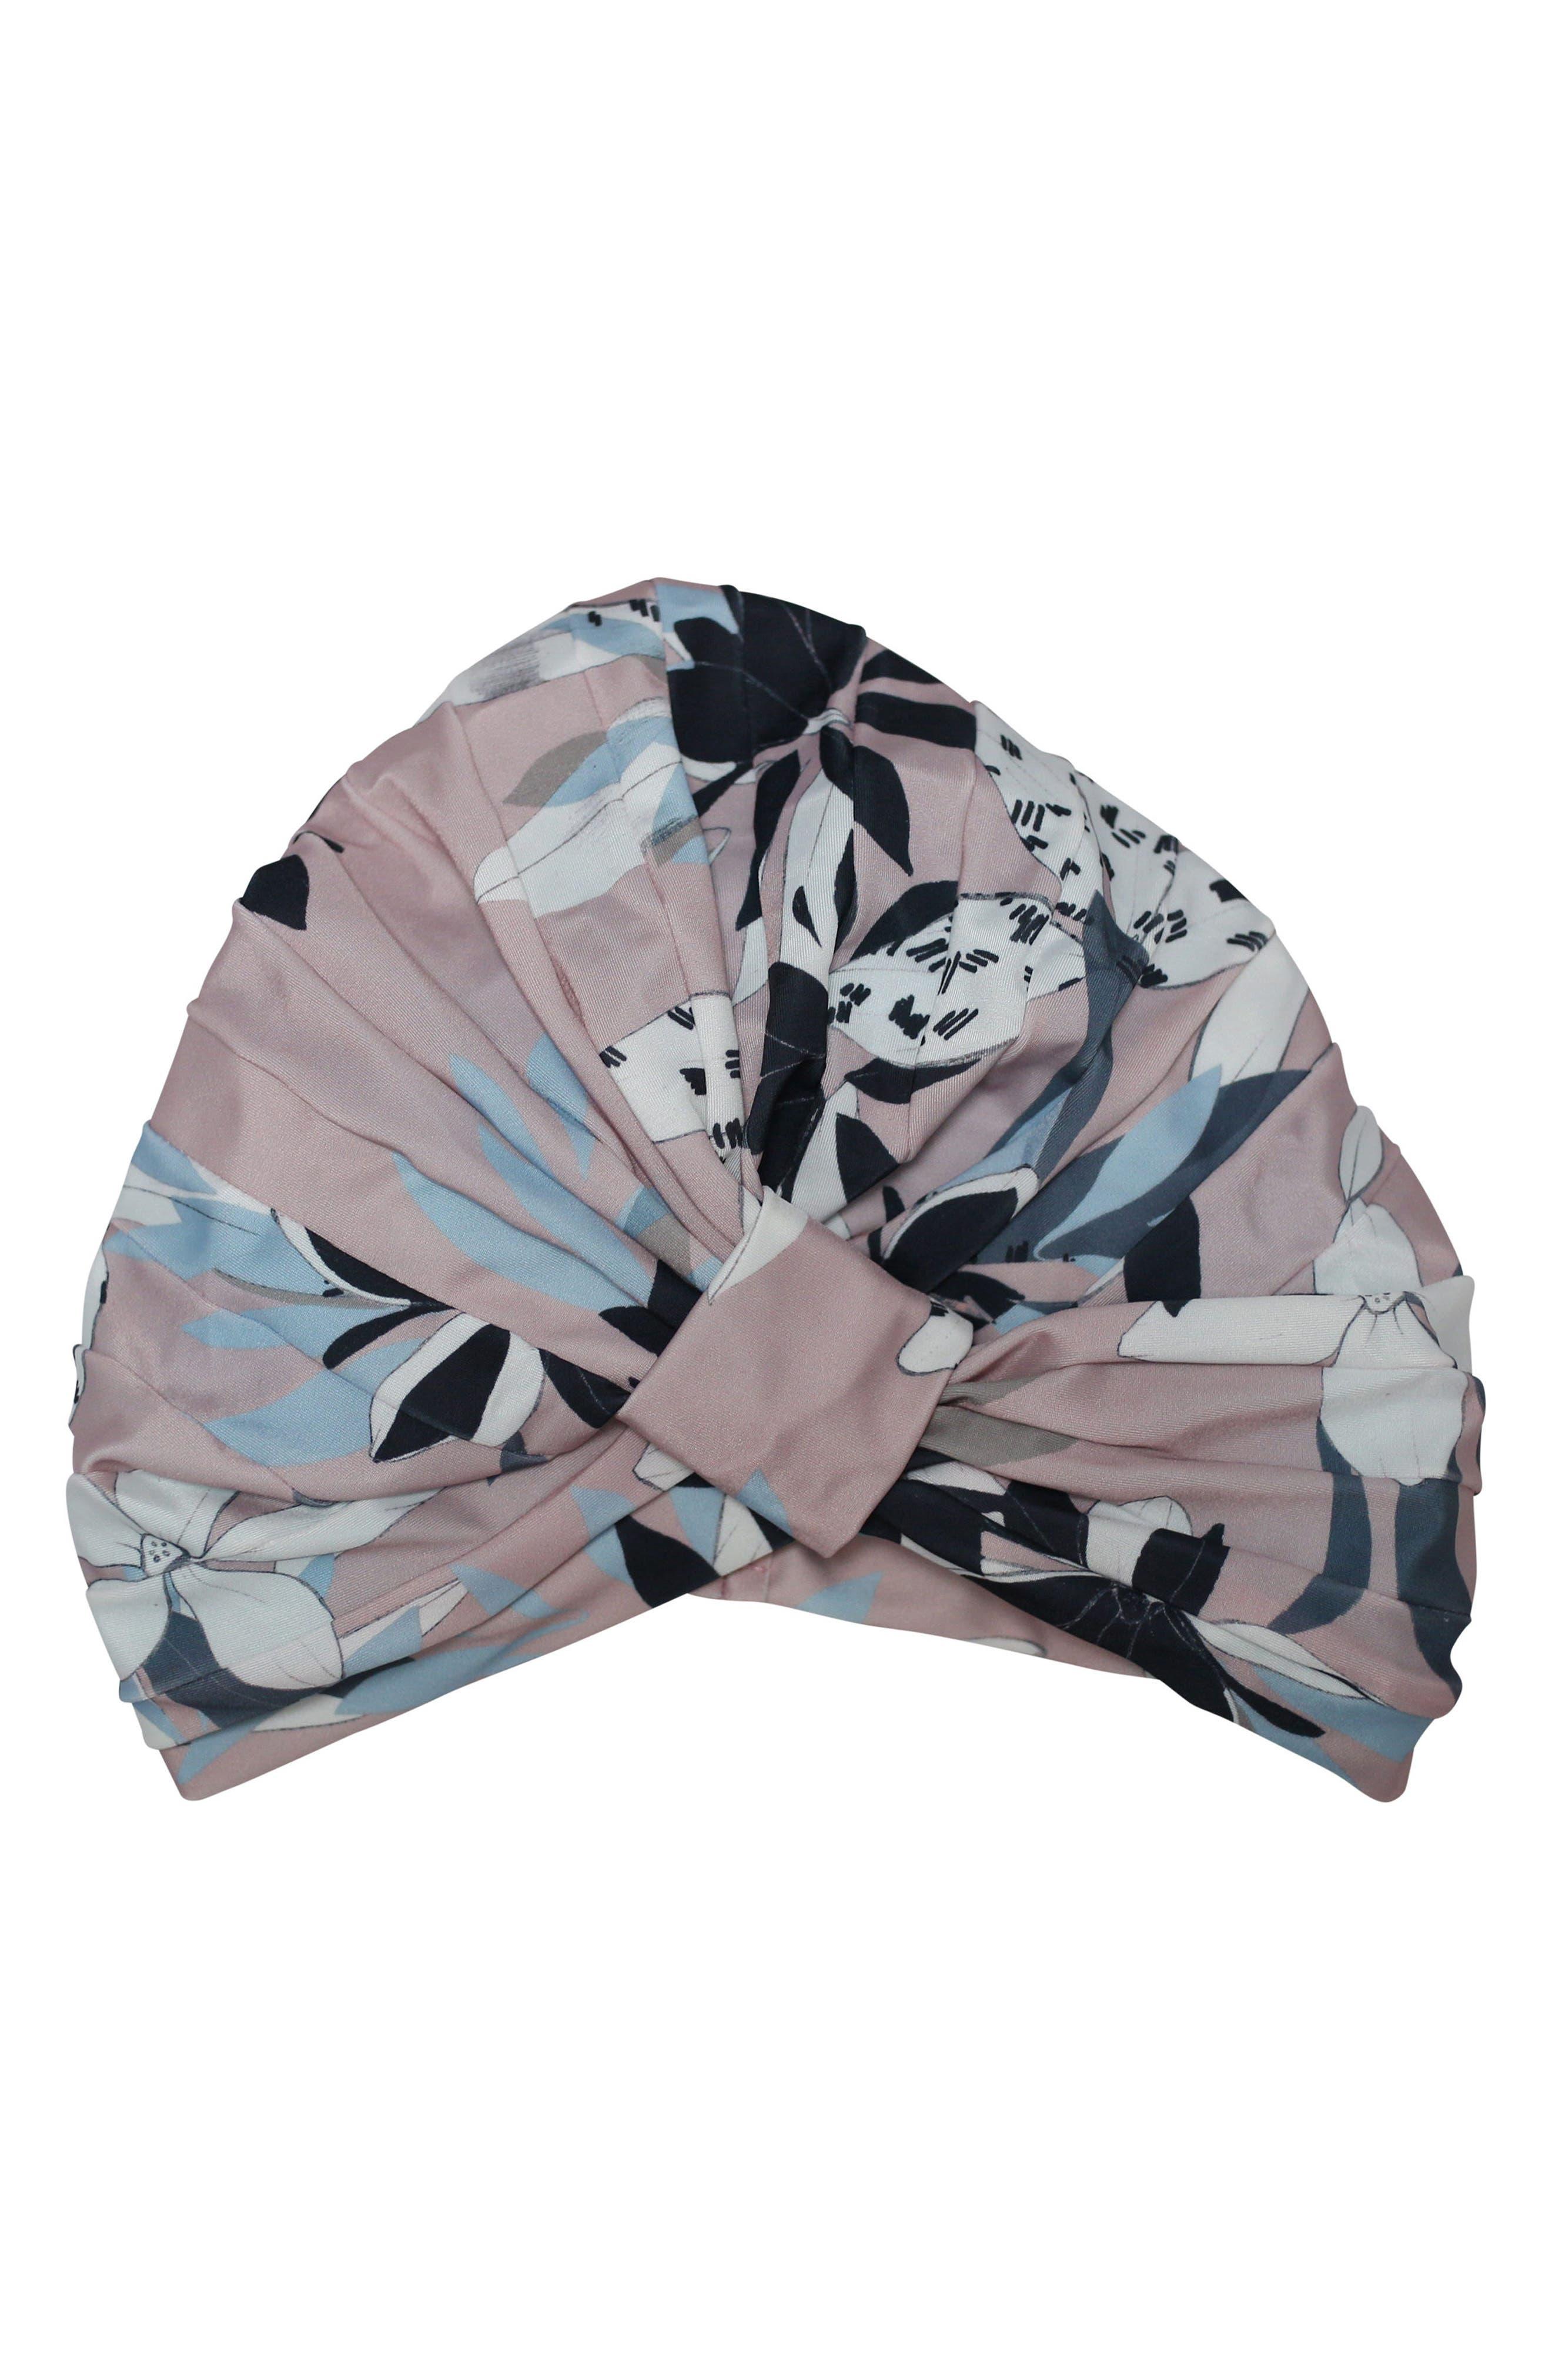 Amelie Turban Shower Cap,                             Main thumbnail 1, color,                             Soft Pink Floral